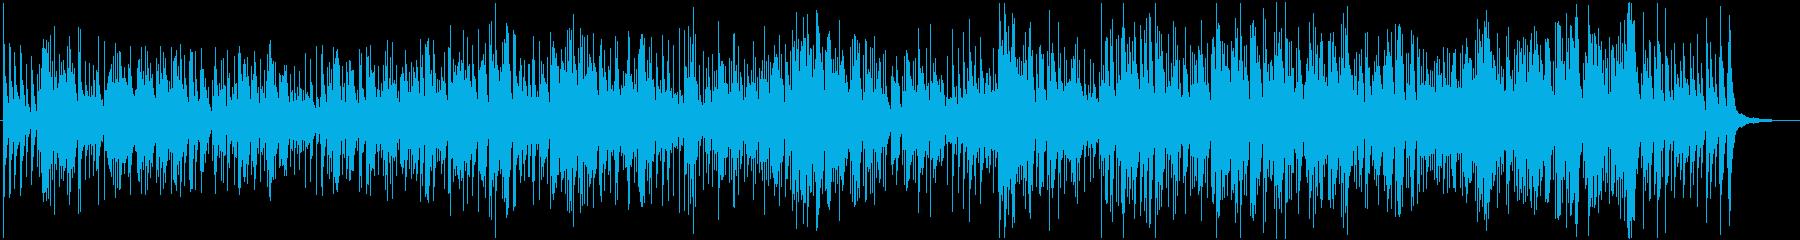 猫のフーガのギターアレンジ曲の再生済みの波形